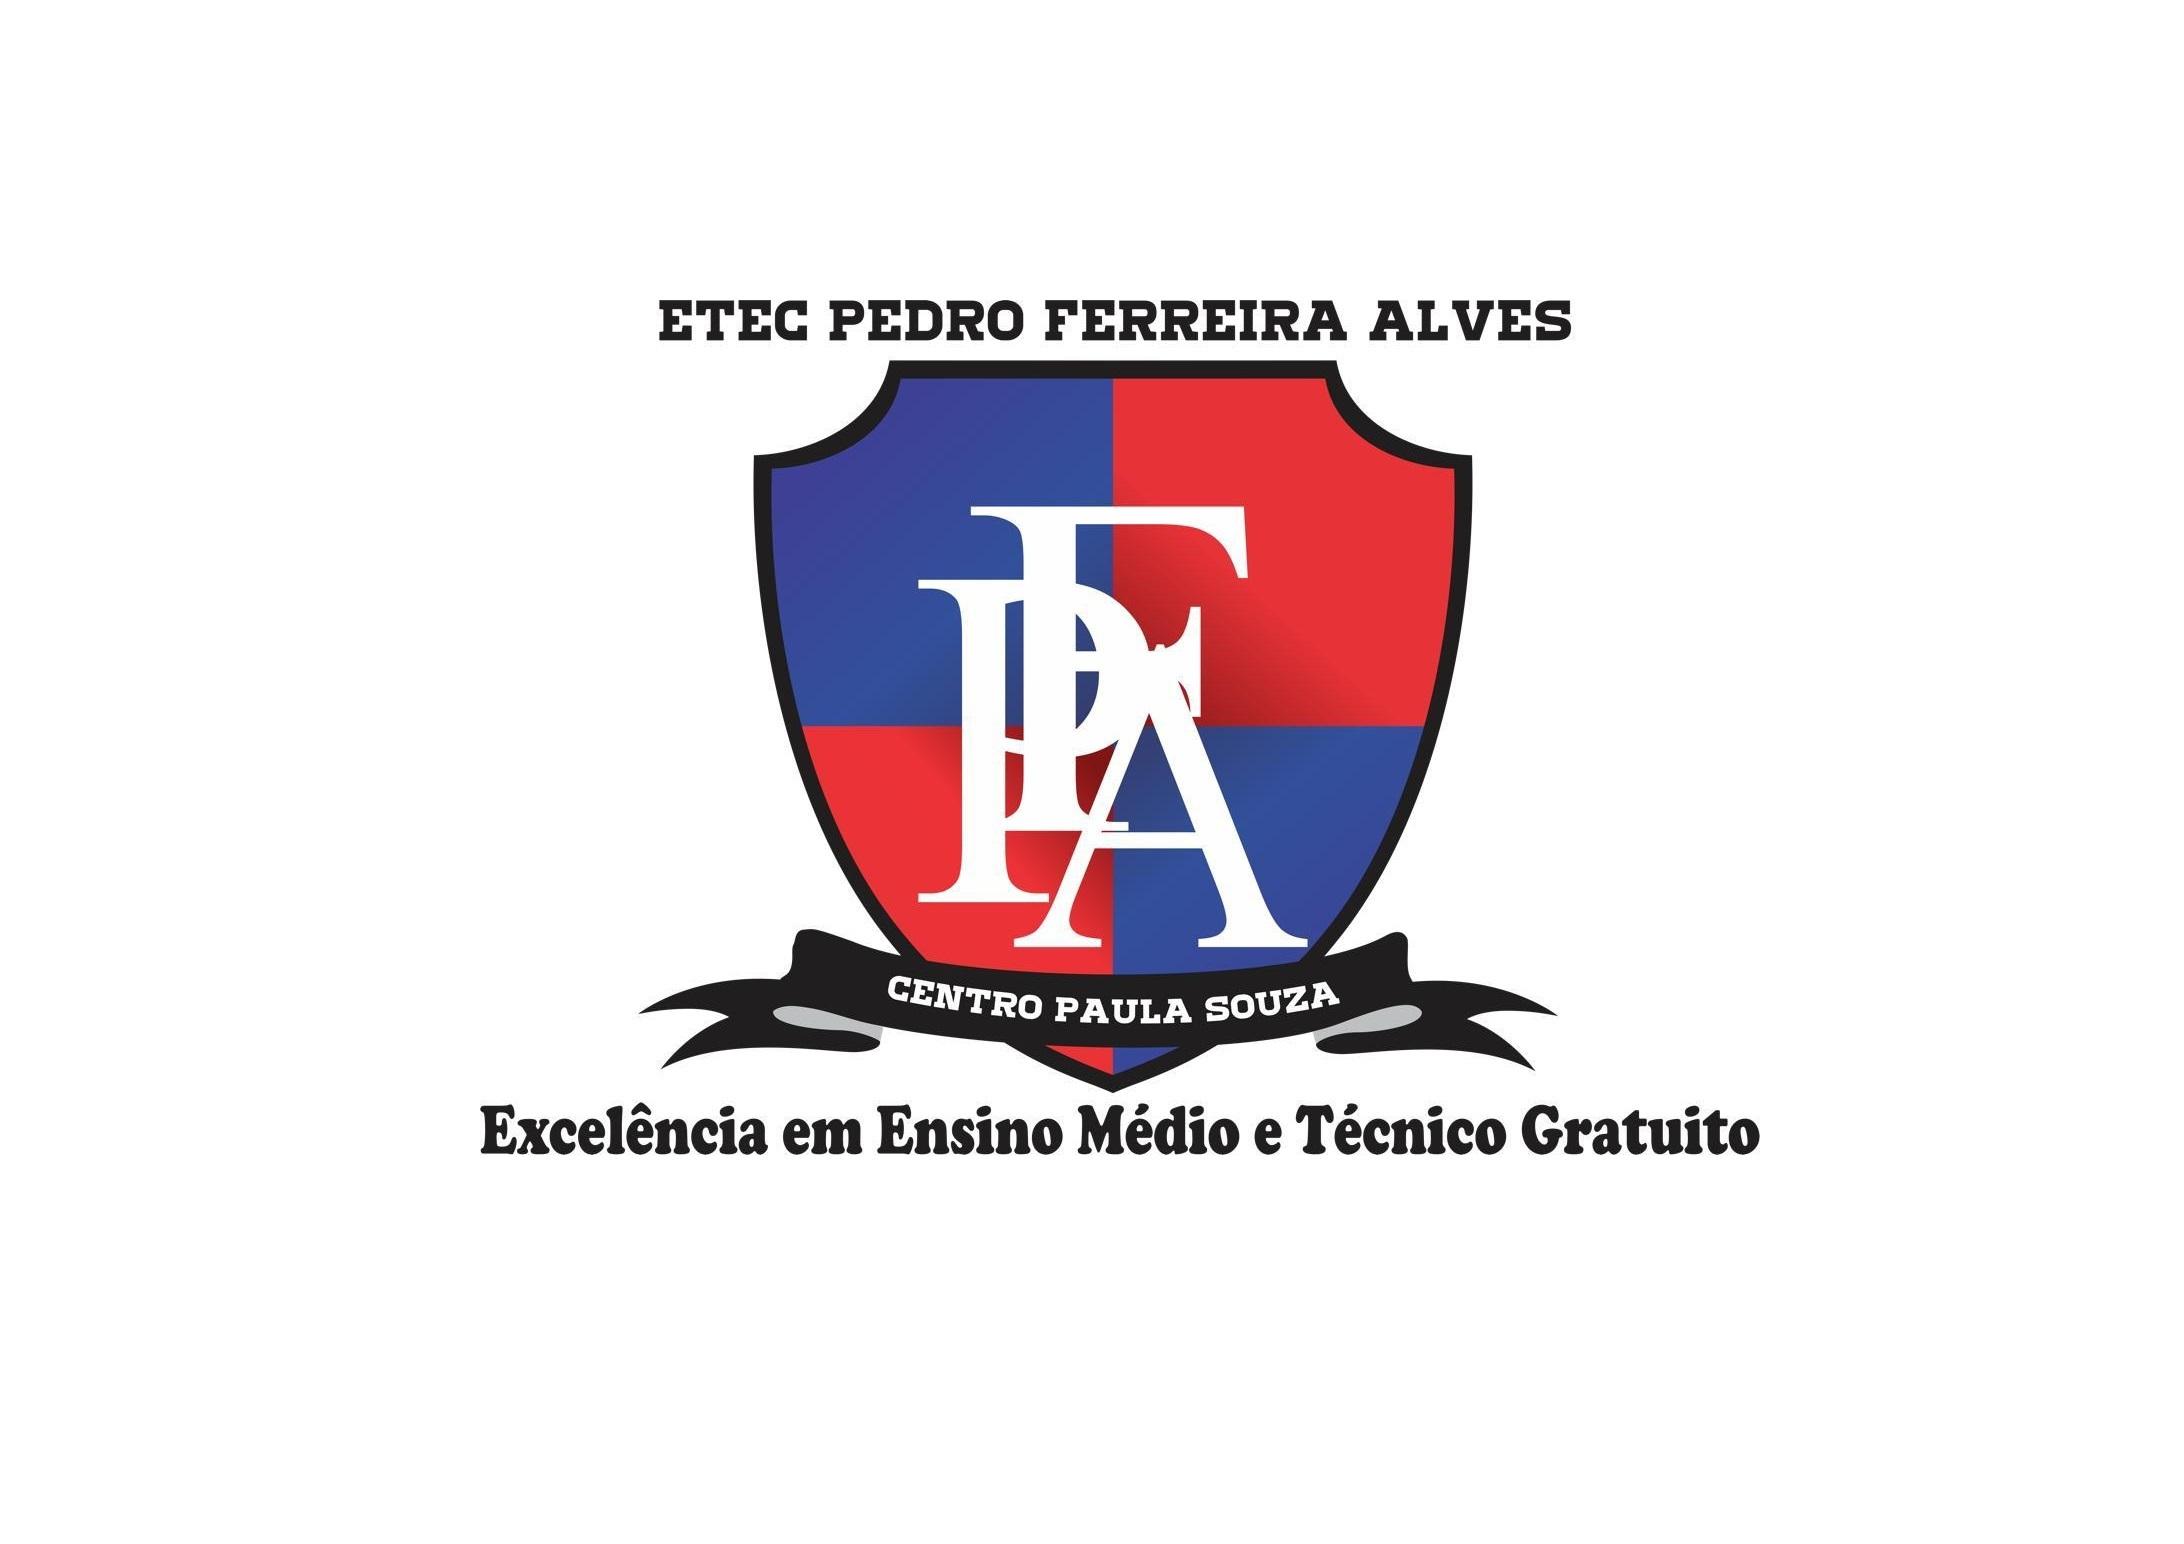 ETEC PEDRO FERREIRA ALVES